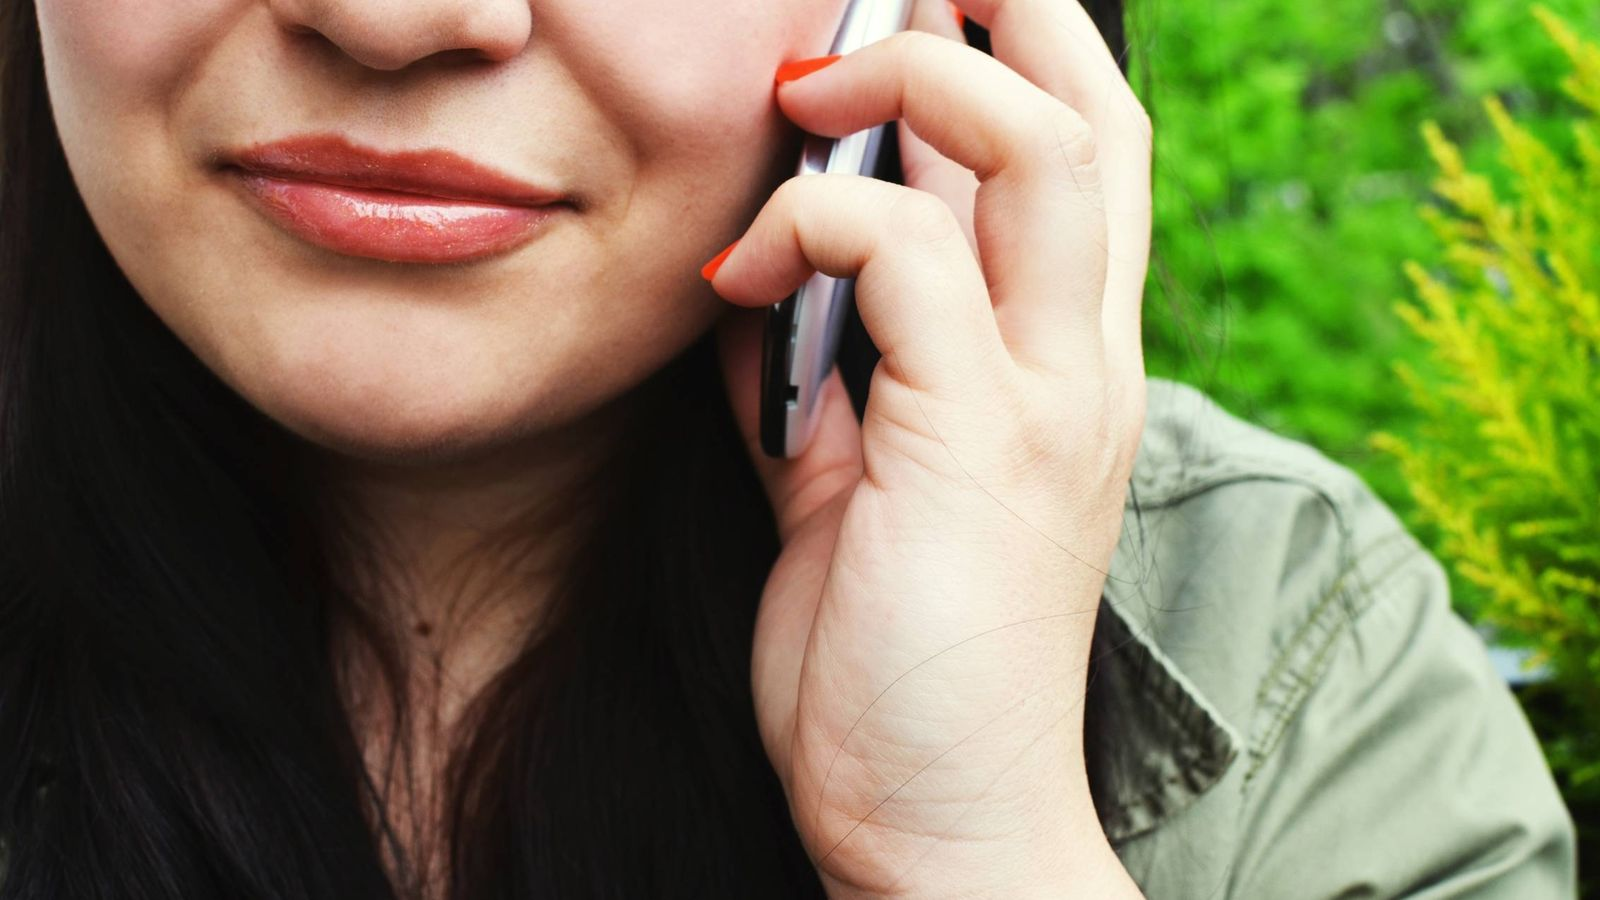 """Foto: Podemos """"oir"""" los gestos de alguien que nos llama por teléfono. (Pexels)"""